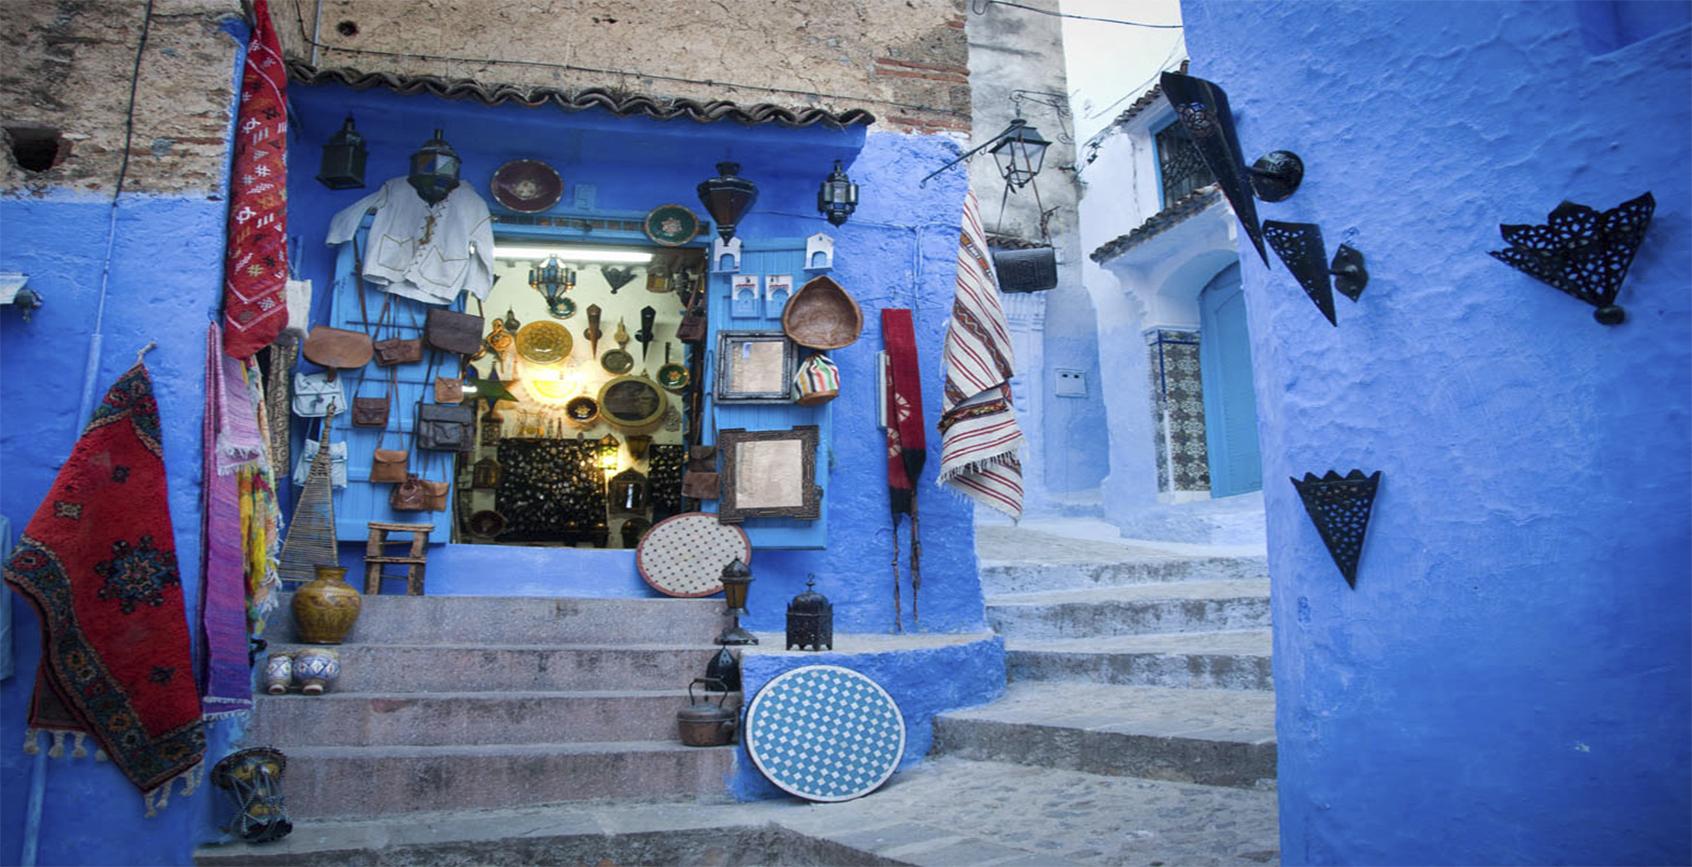 sinie ulitsyi SHefshauena Marokko5656